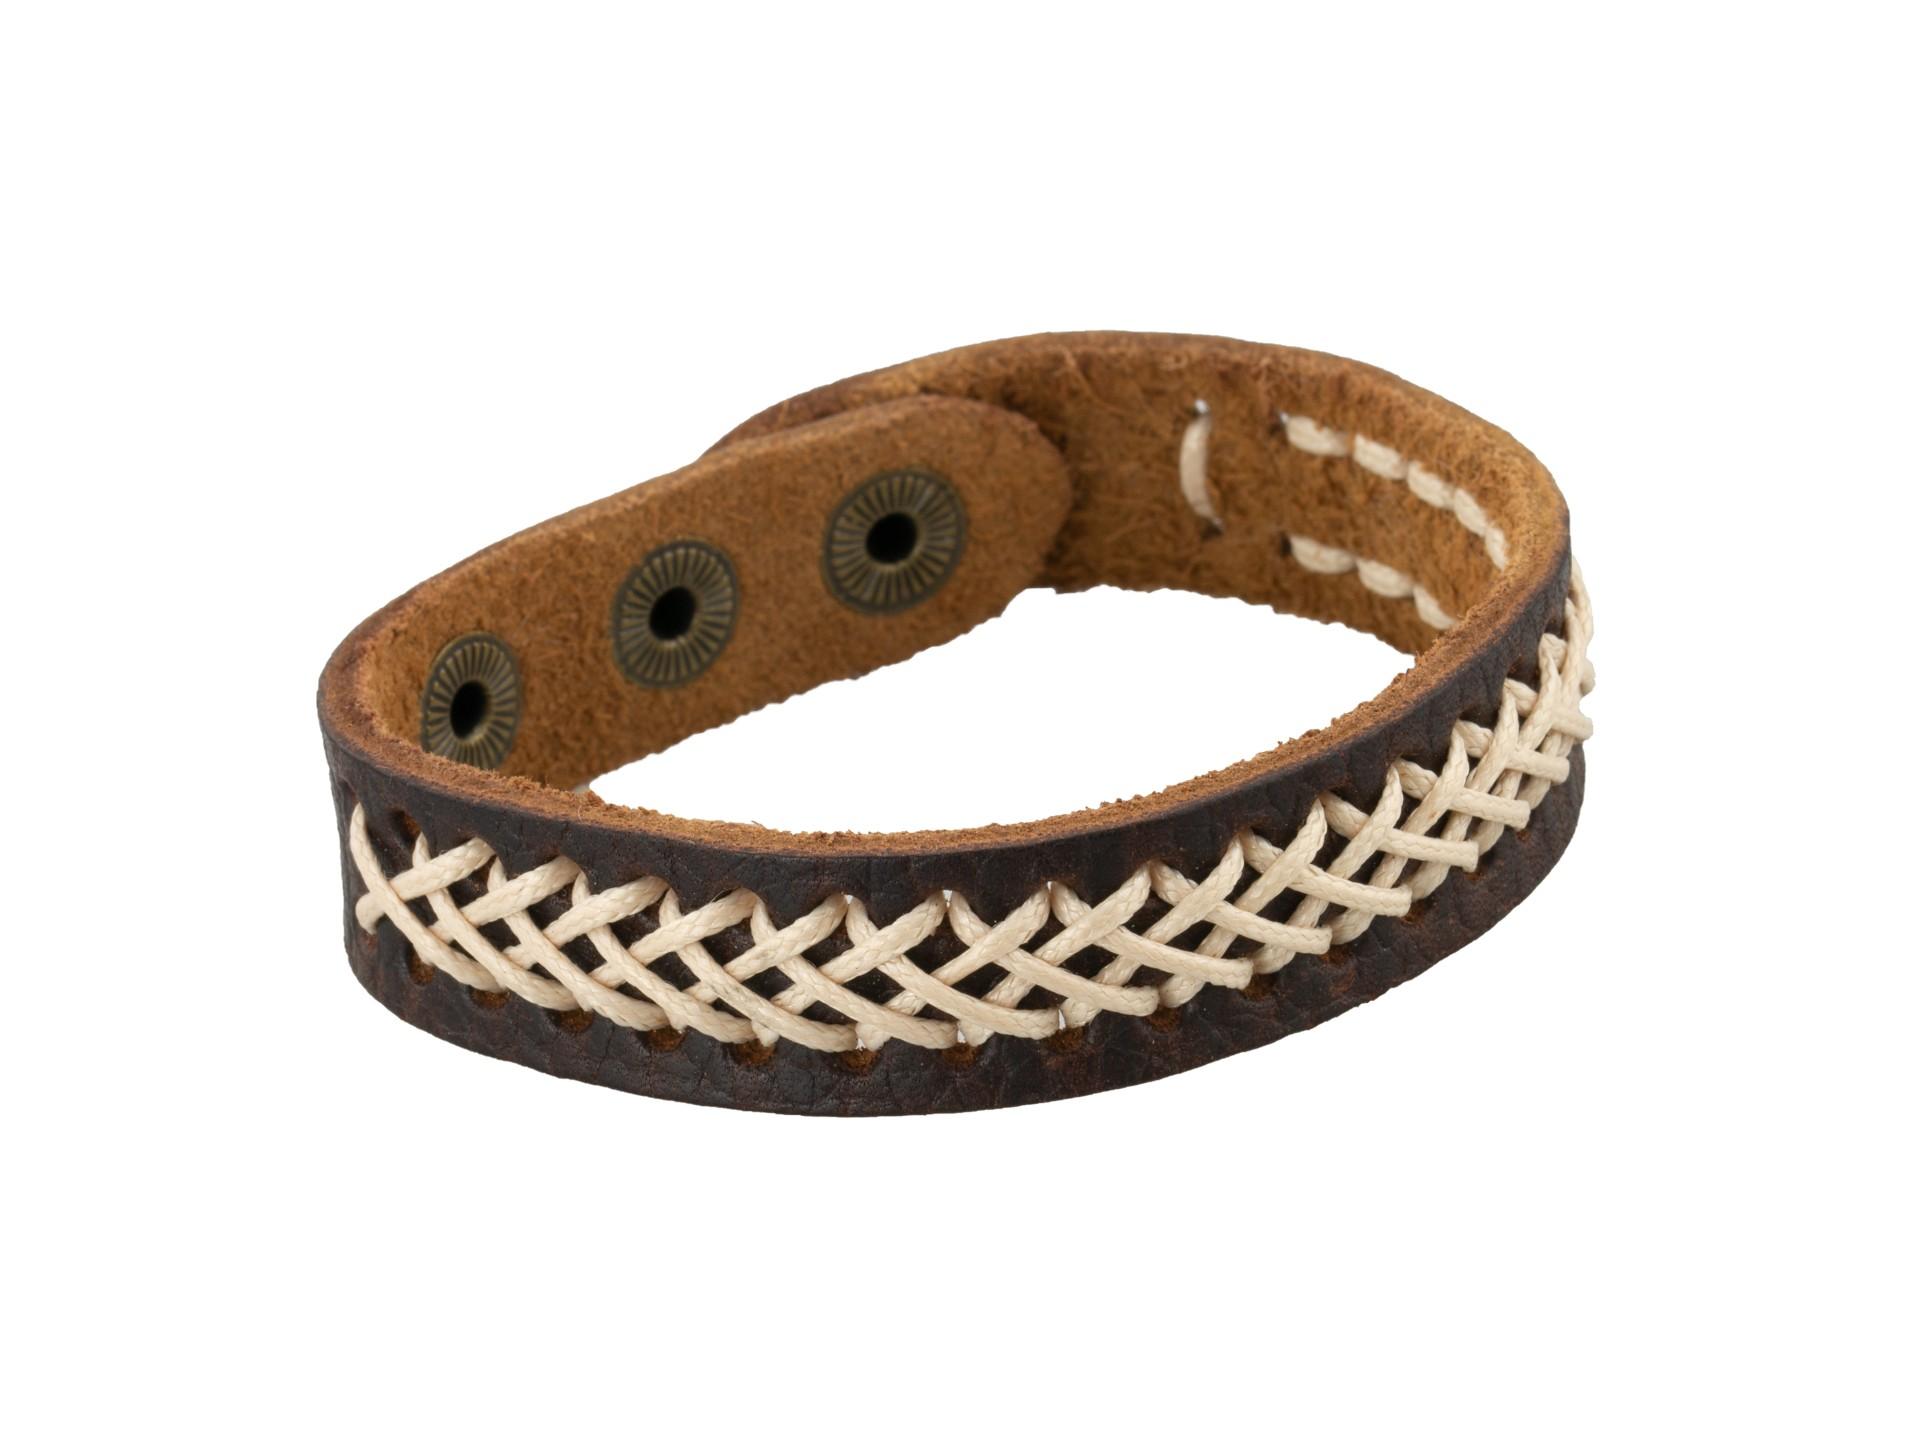 Linda's Jewelry Kožený náramek protkávaný Brown and Bege INR058